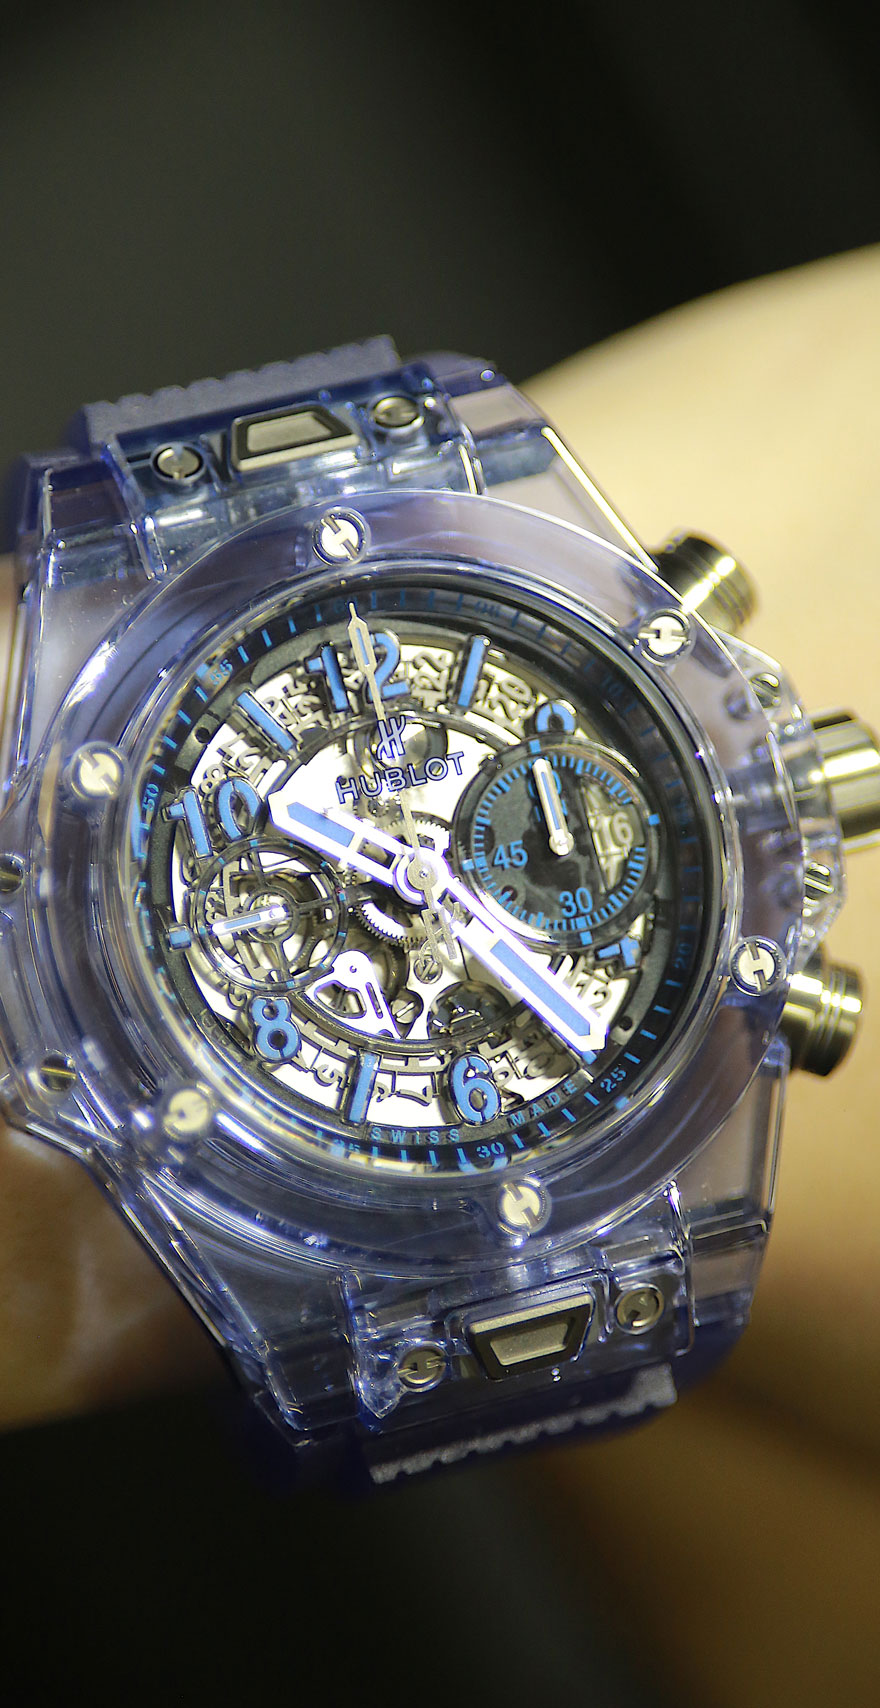 宇舶全新Big Bang Unico蓝宝石腕表